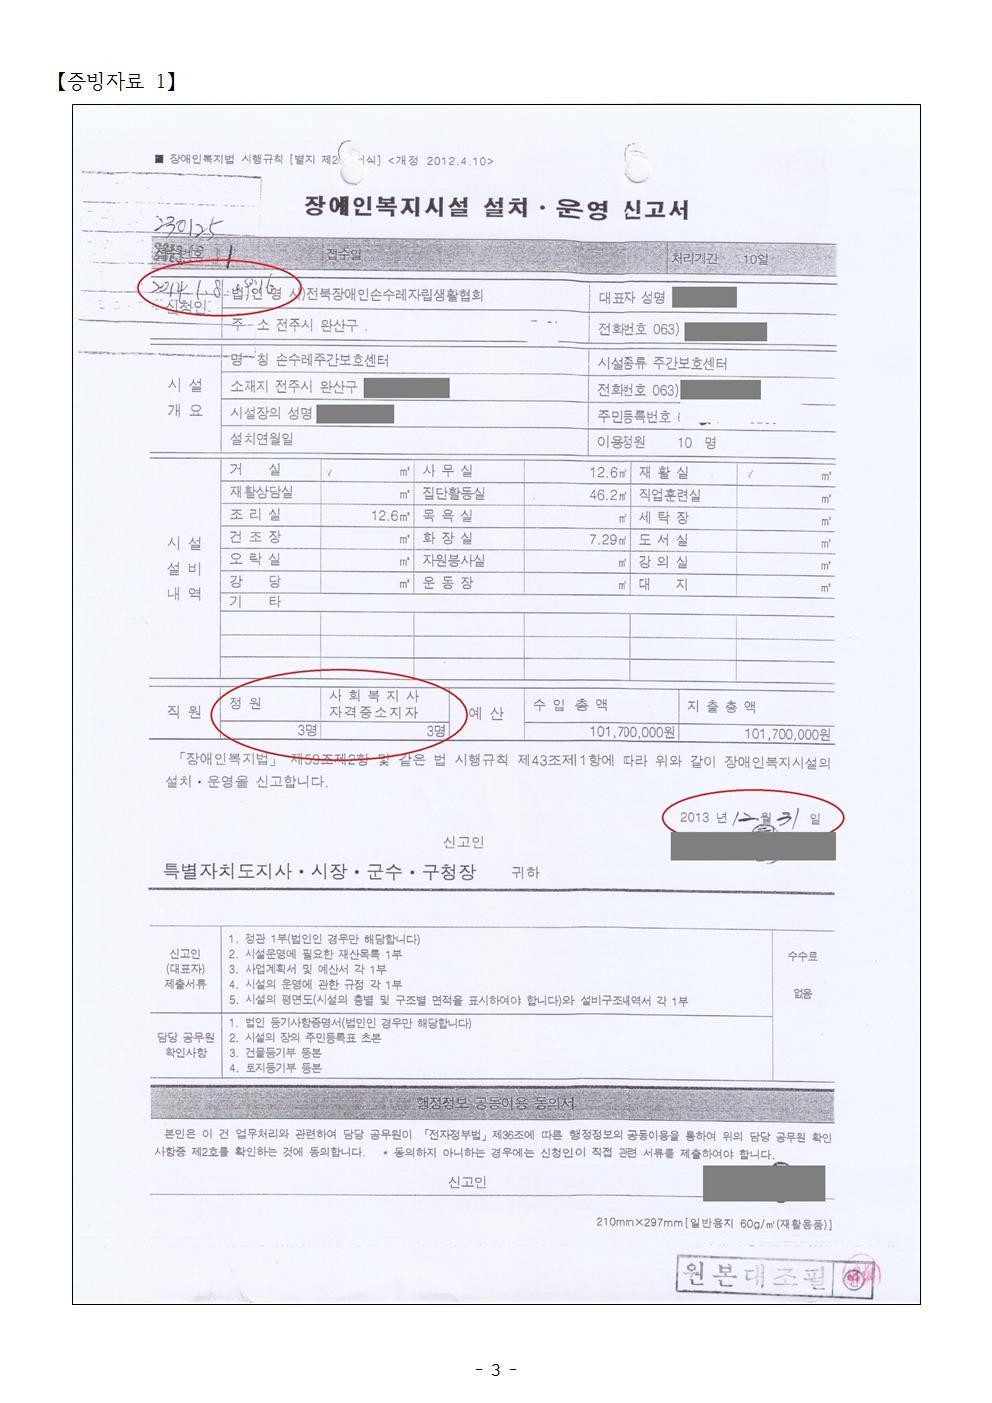 2013년 12월 31일 전주시(전북도), 손수레주간보호센터 신고에서 수리까지 모두 당일에 OK003.jpg